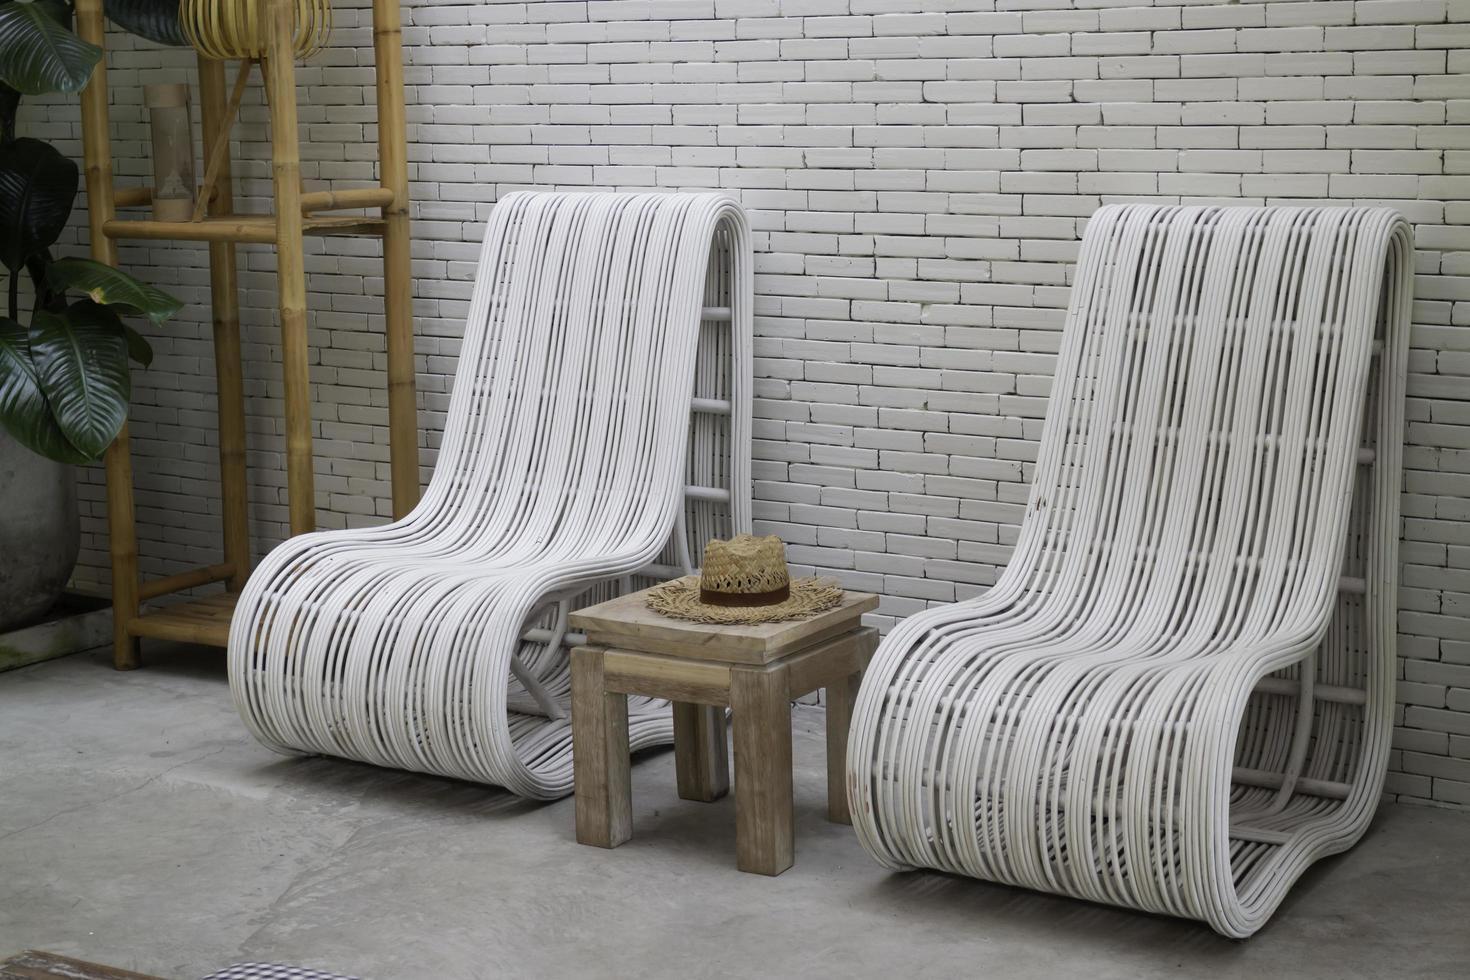 sedie bianche contro un muro di mattoni foto